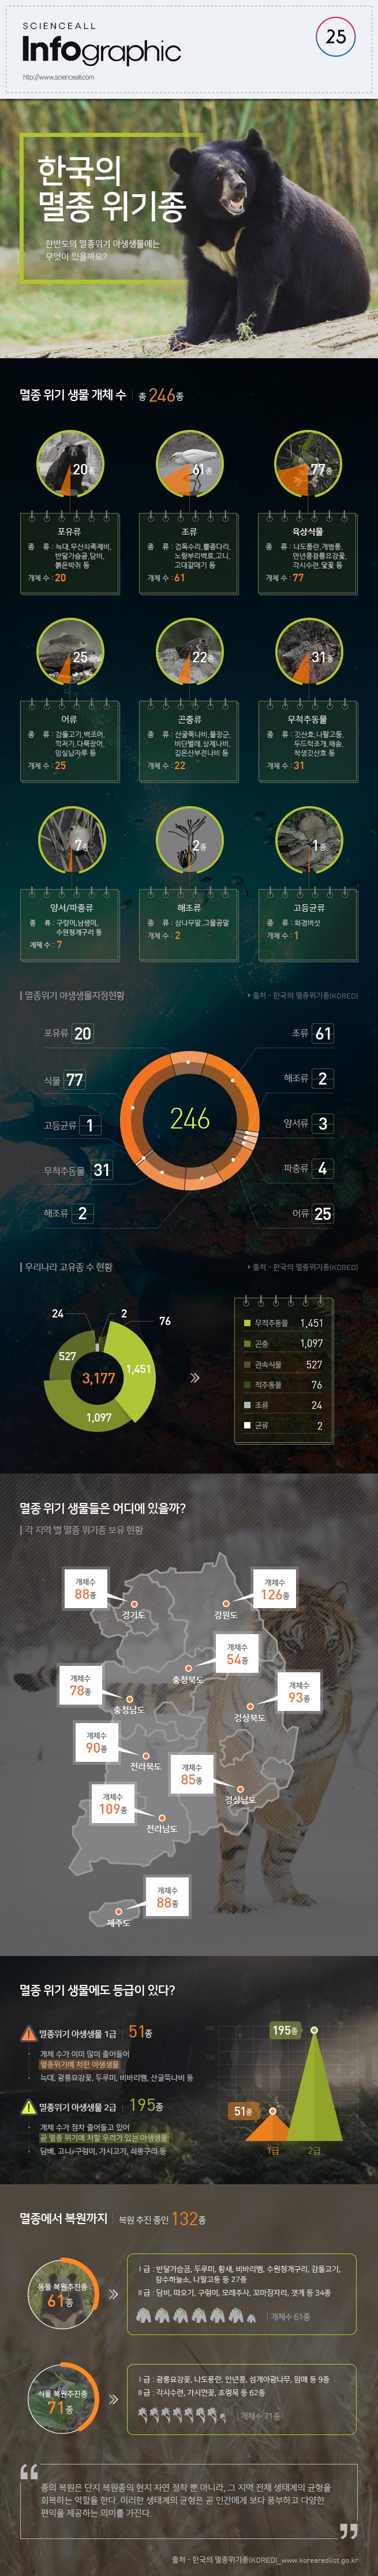 한국의멸종위기종v1